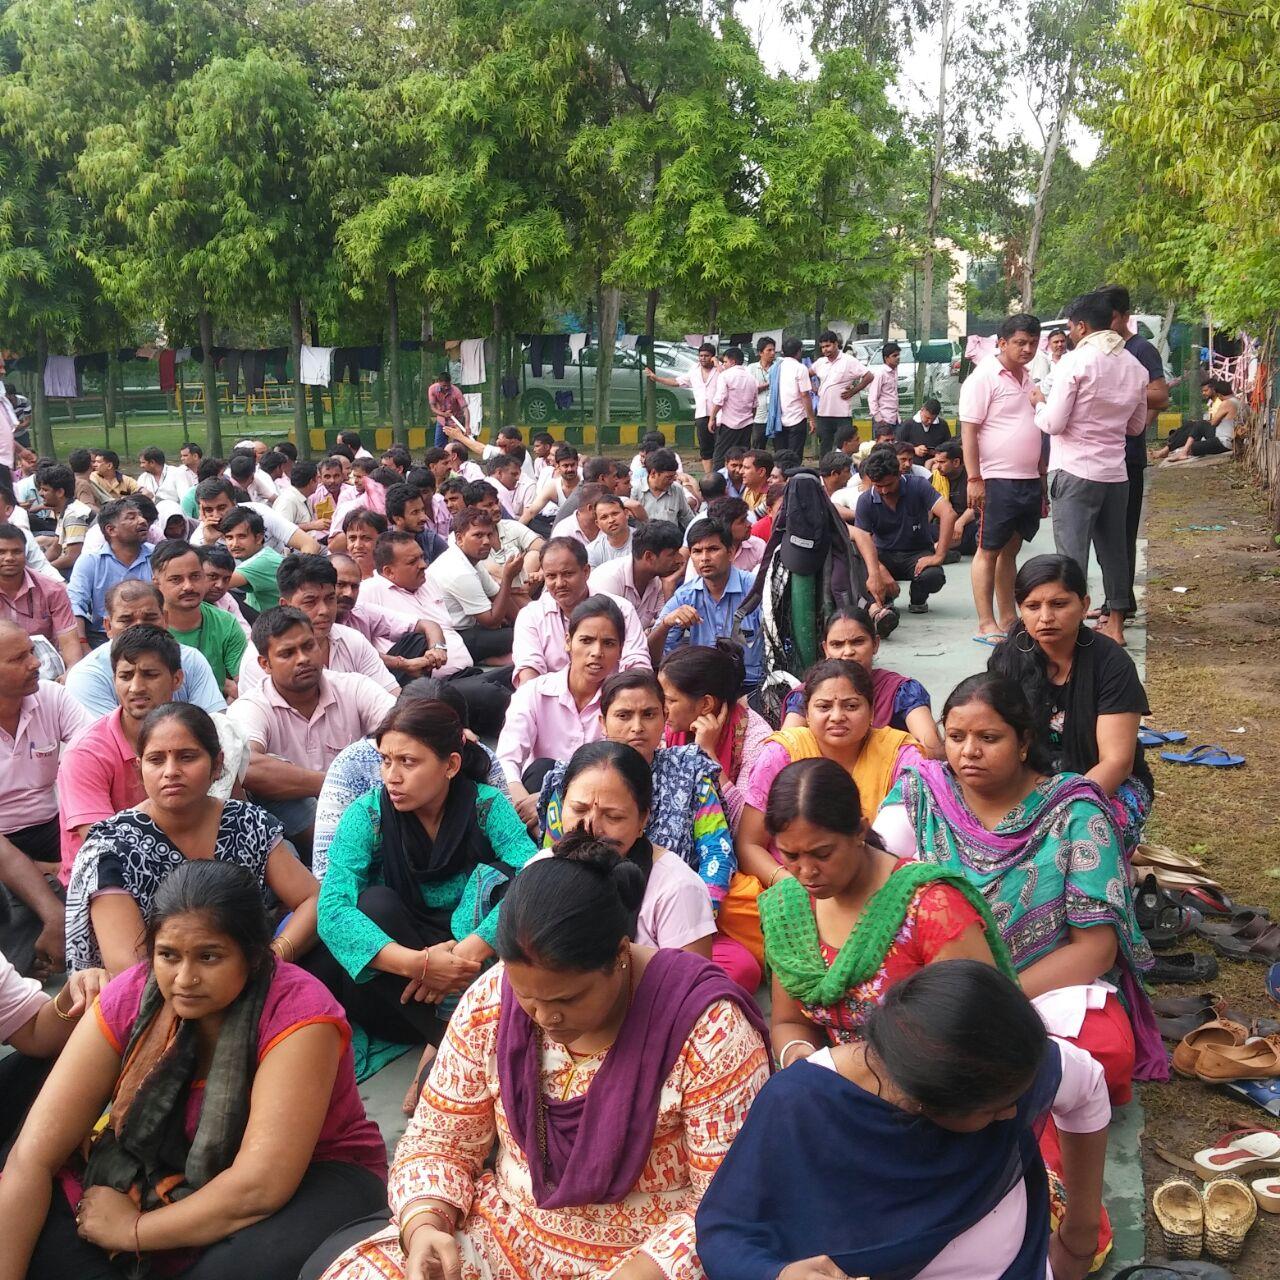 Trabajadores/as reanudan sus labores tras 10 días de protesta en LG ...